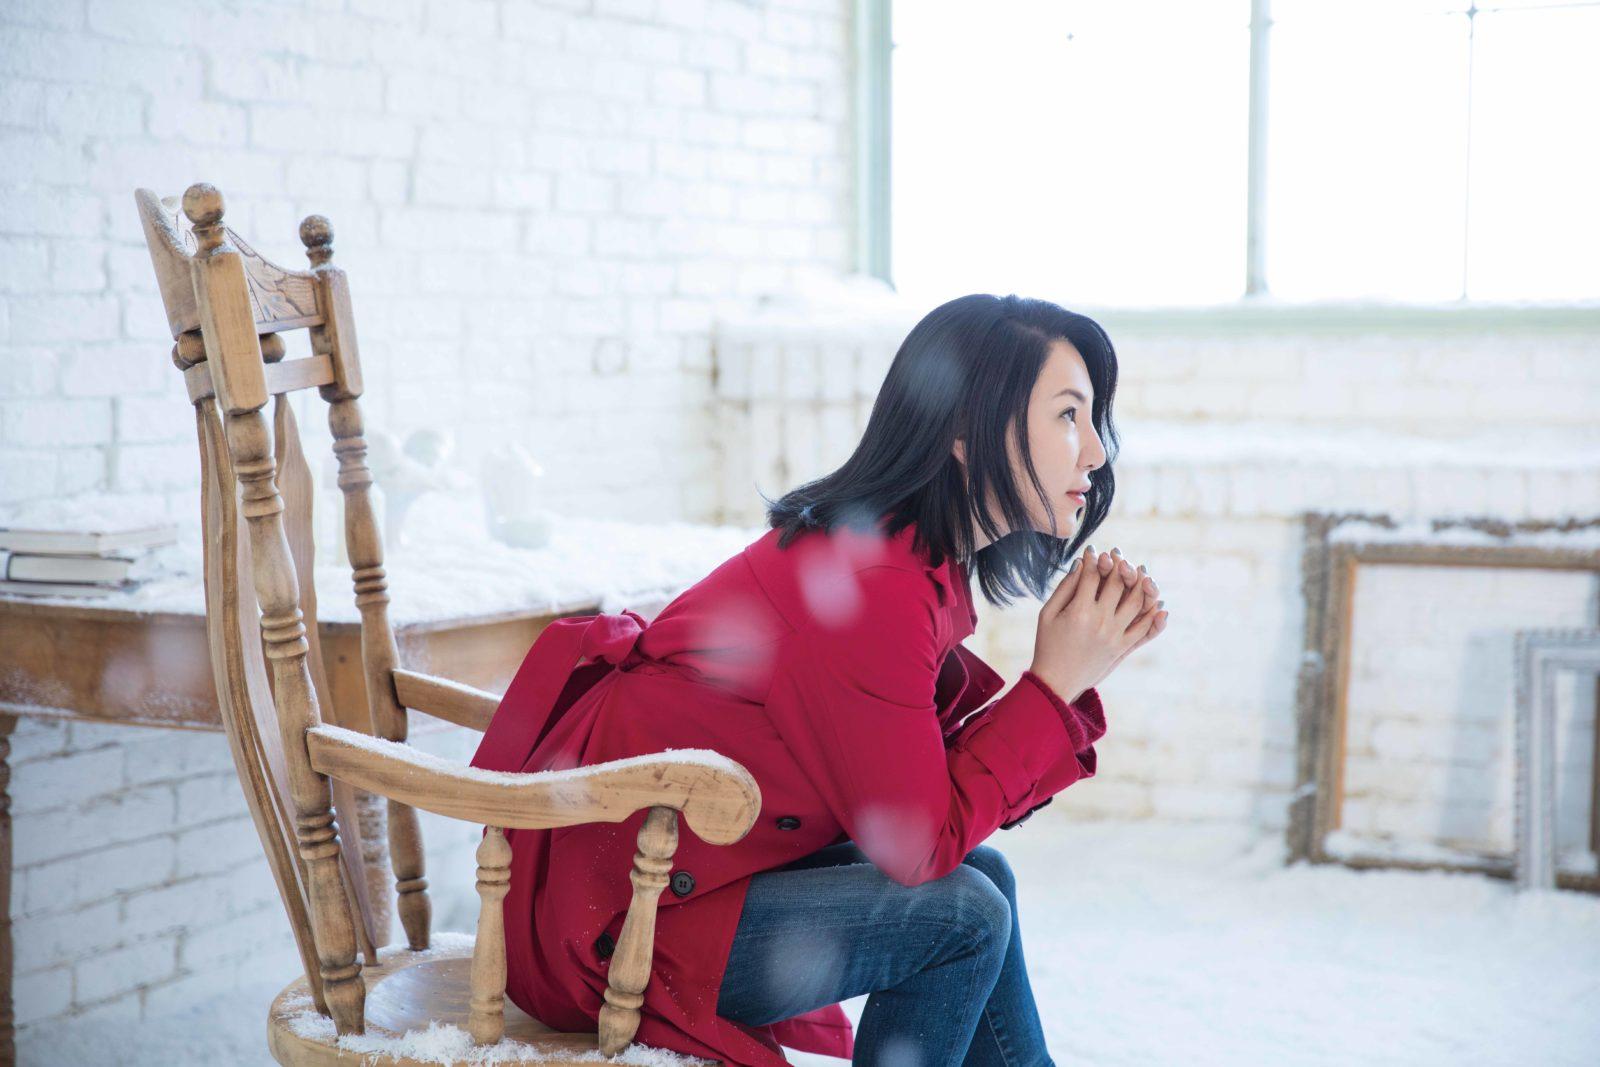 広瀬香美、新曲含む3枚組みコンプリートベストアルバム発売!DJ和が参加サムネイル画像